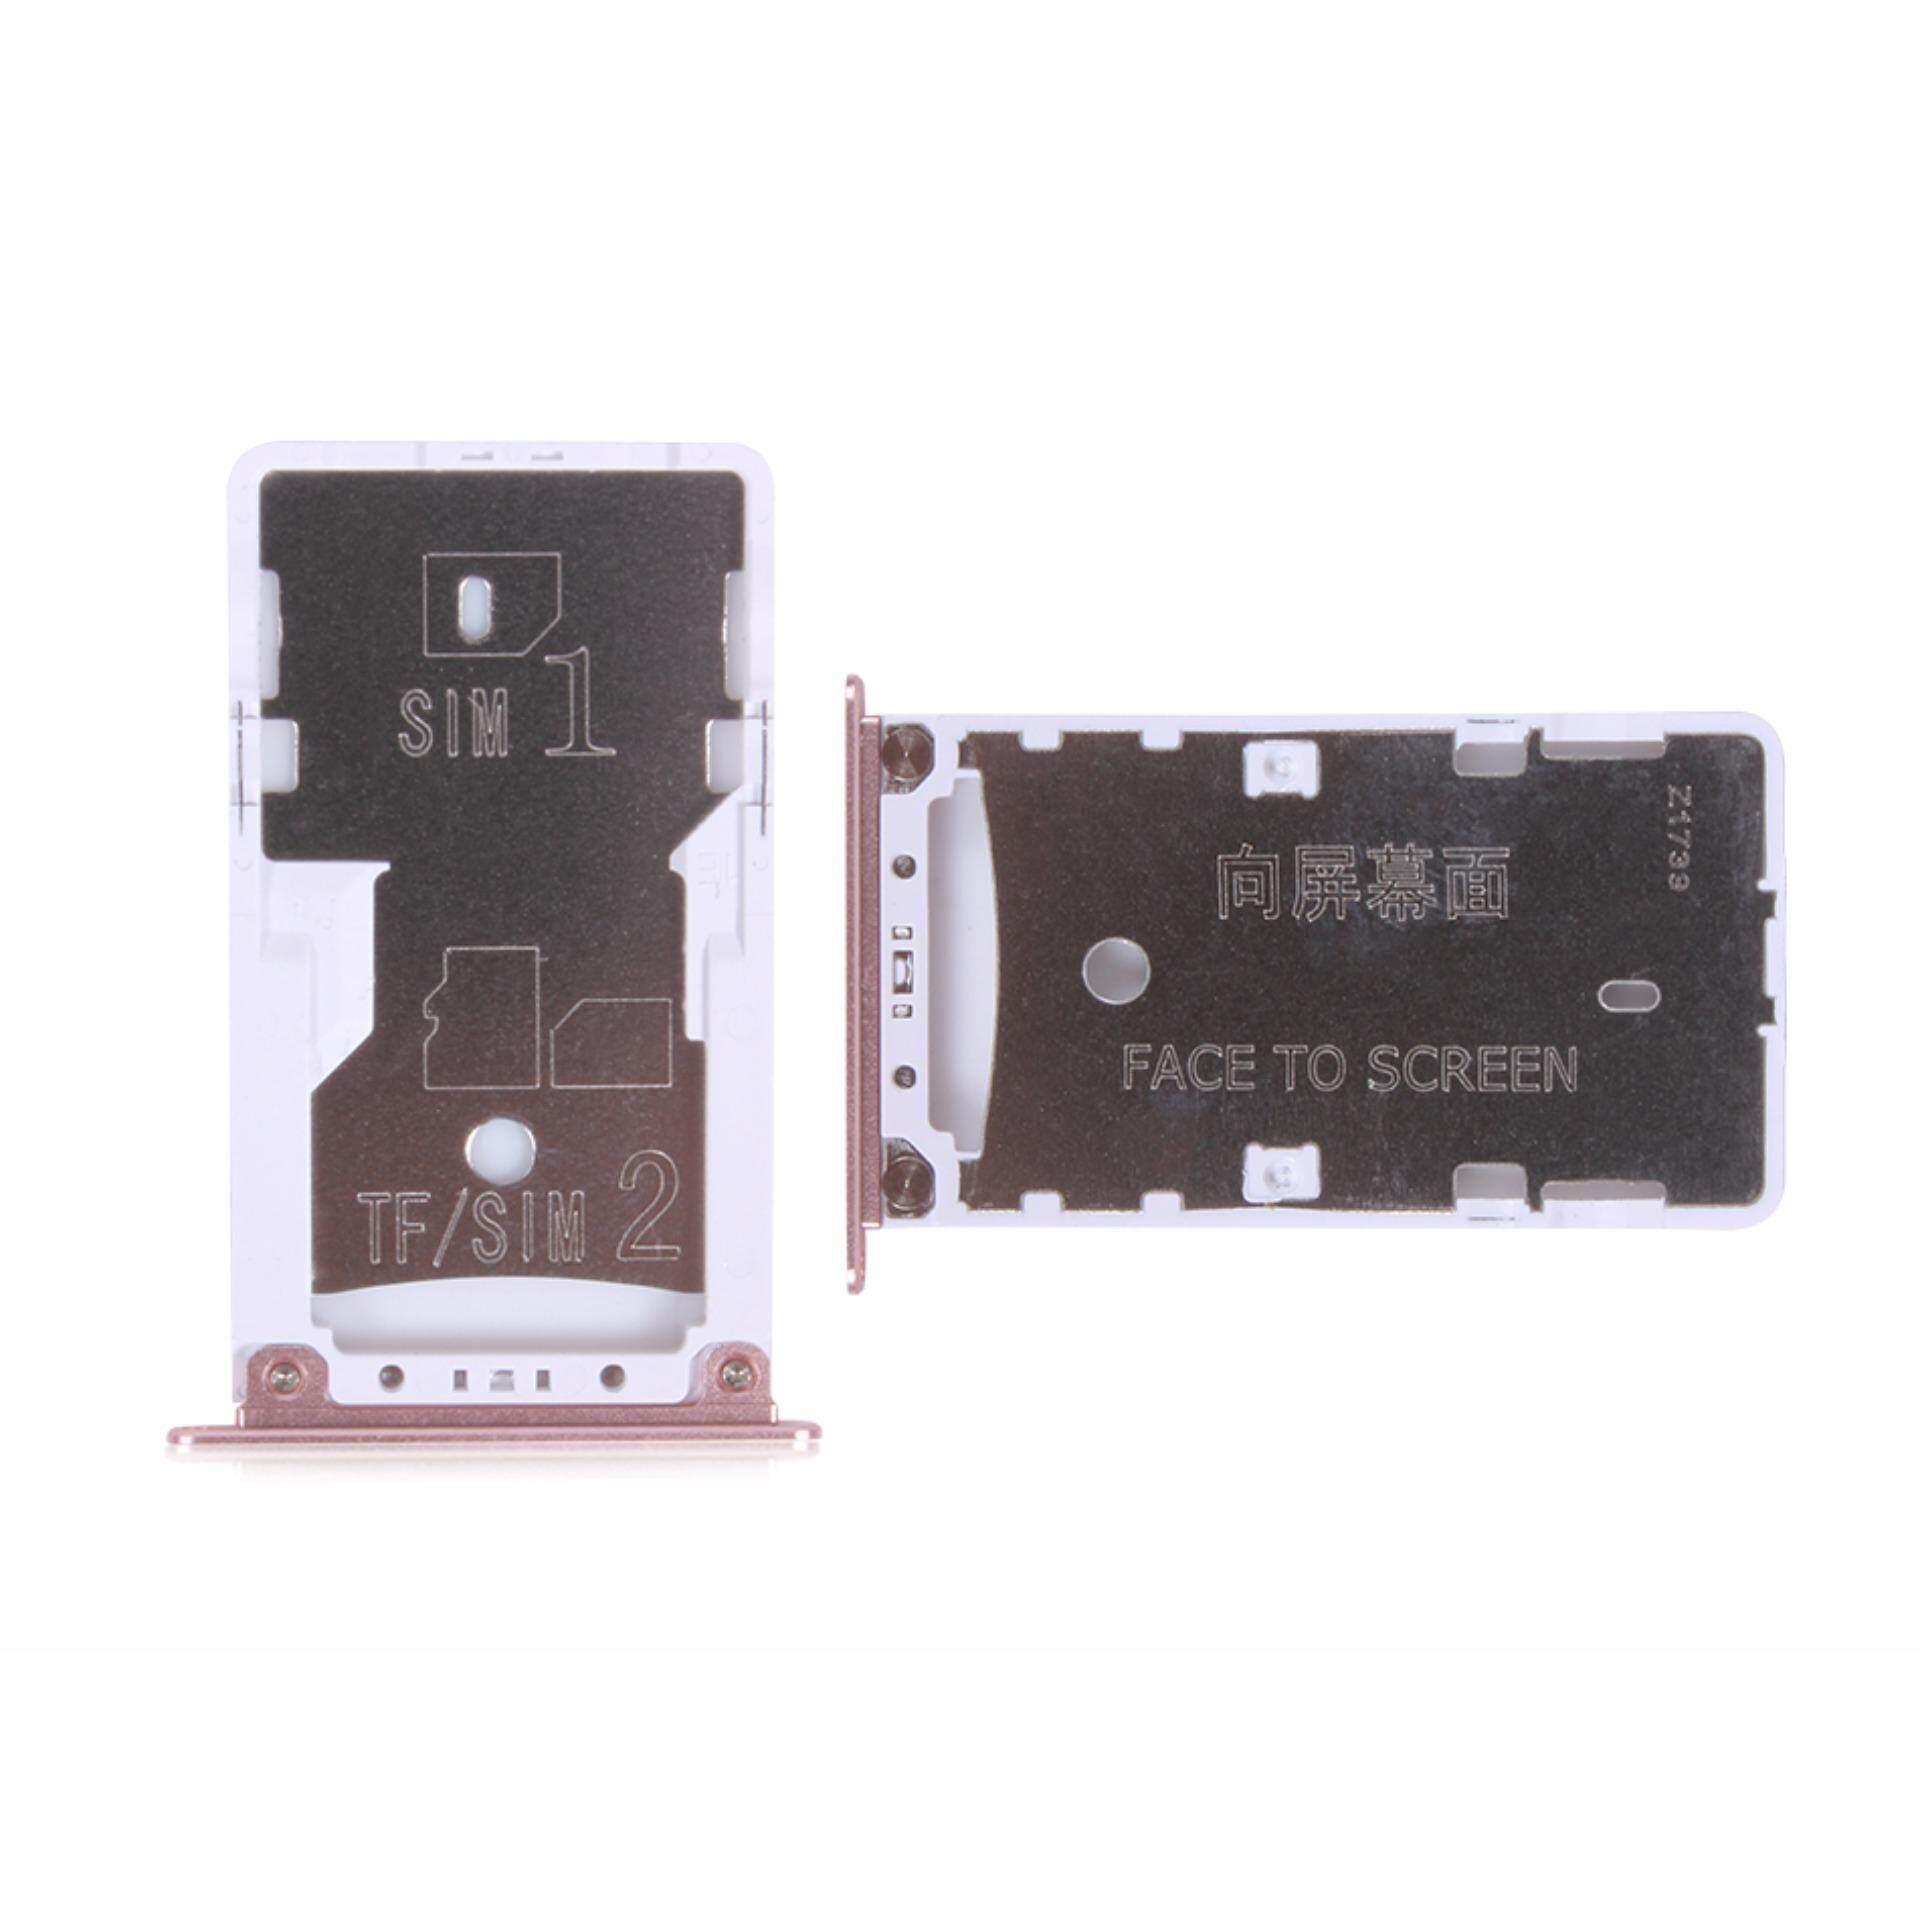 Nano Kartu SIM Micro Sd Tempat Kartu Slot Pengganti Adaptor Perbaikan Bagian untuk Xiaomi Redmi 4X-Intl